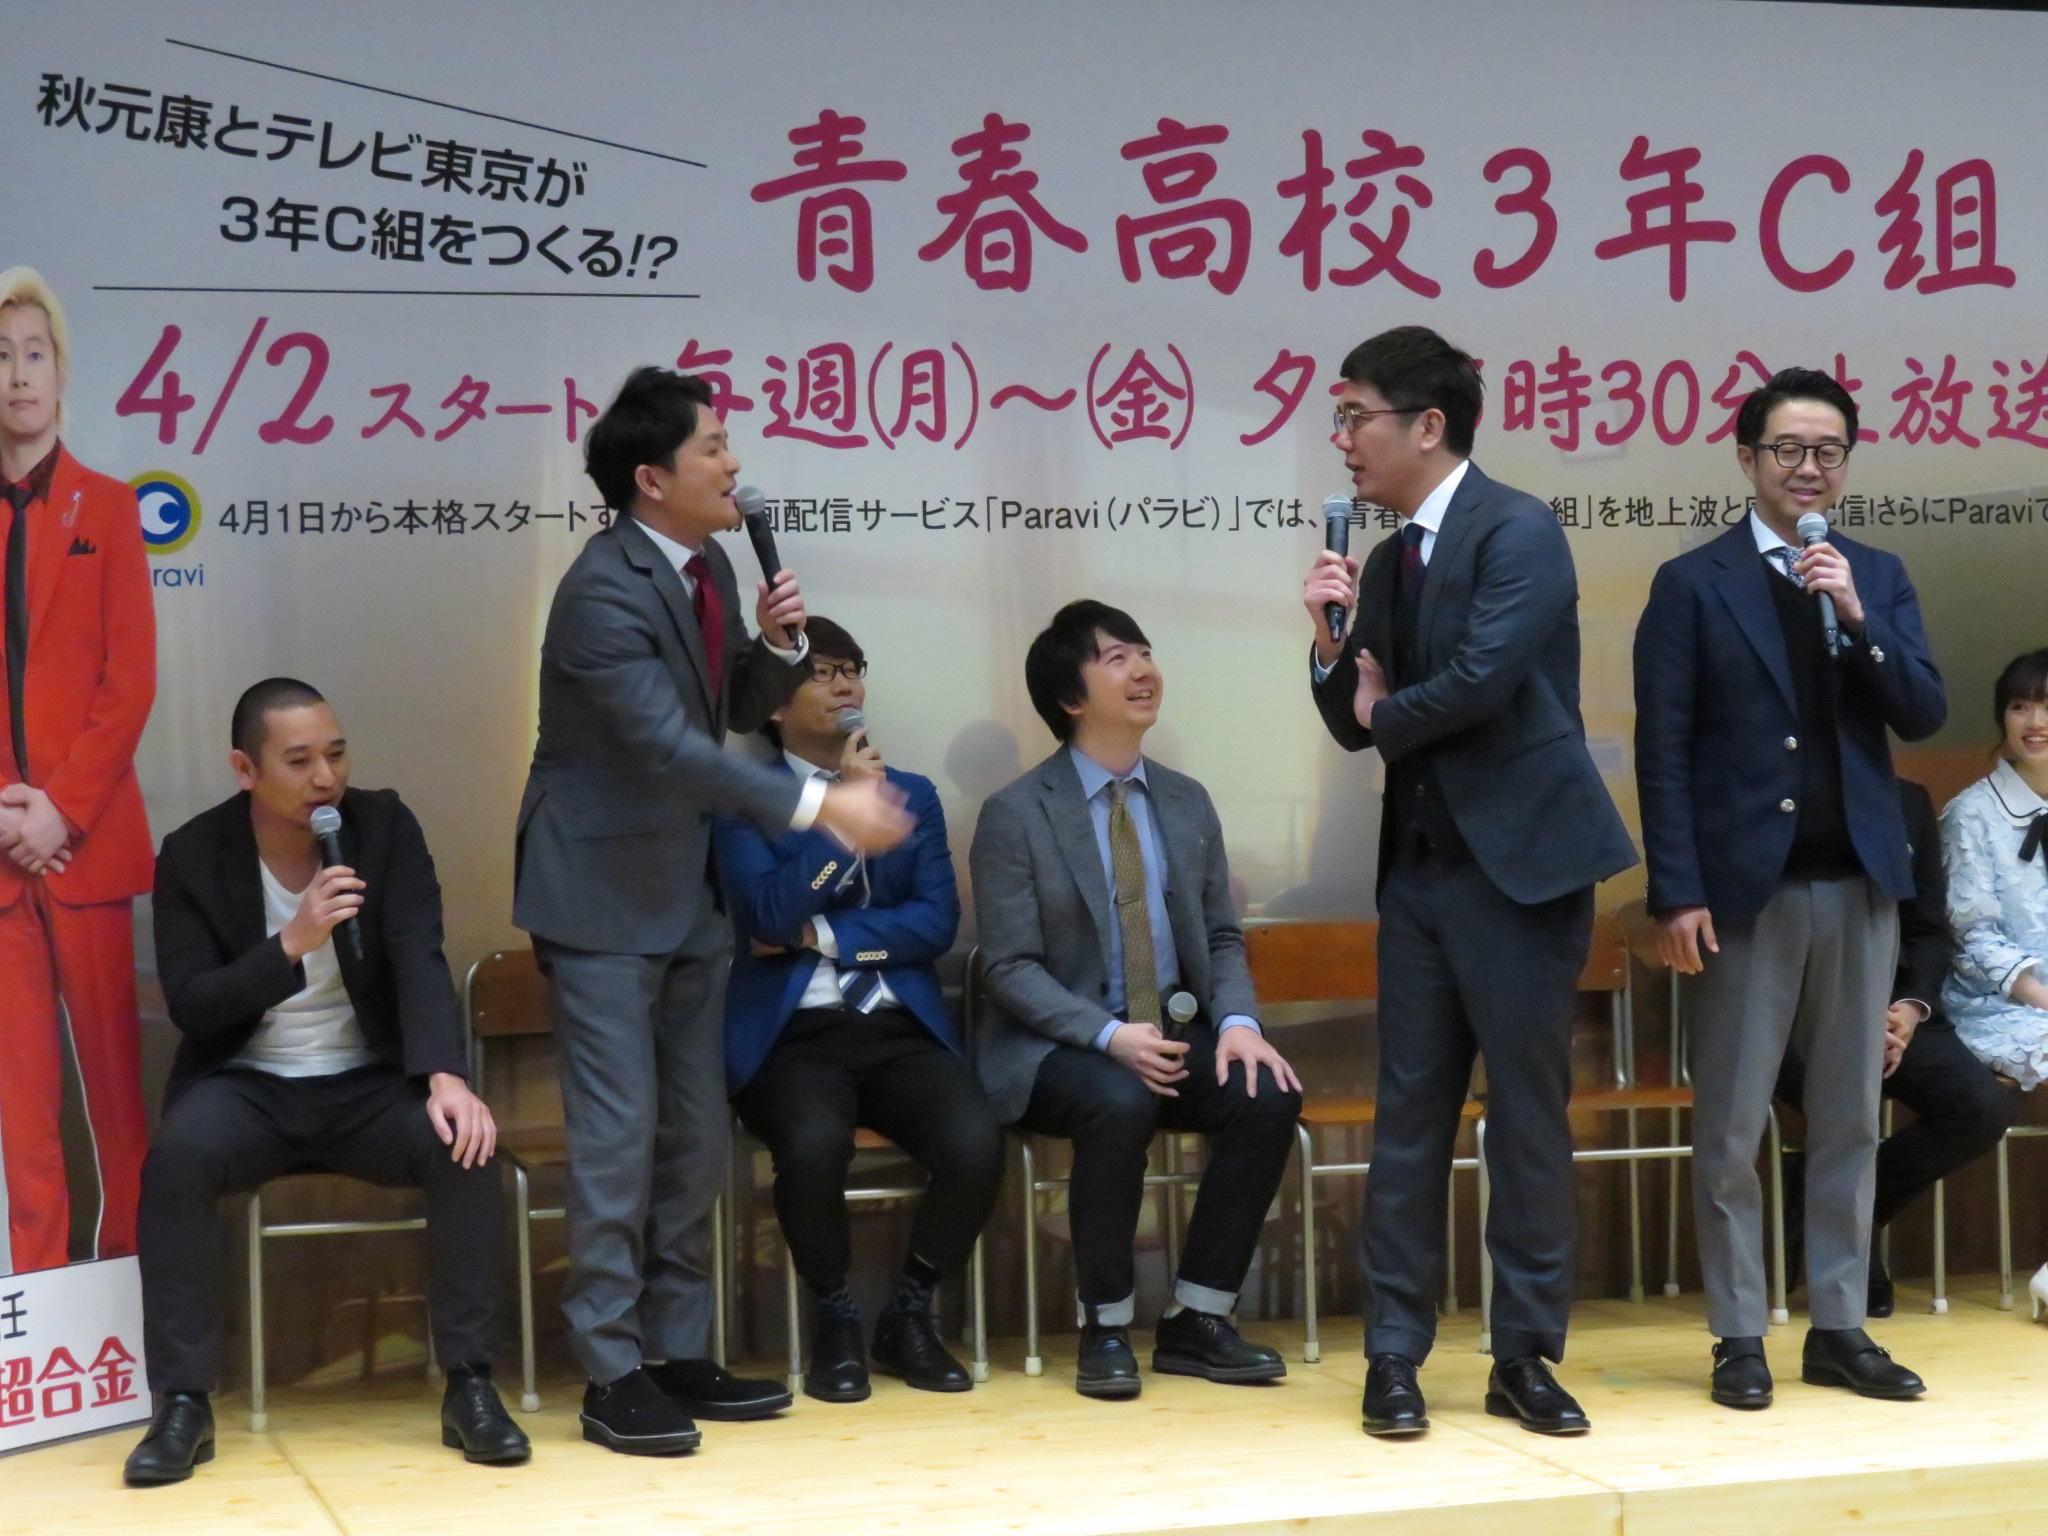 http://news.yoshimoto.co.jp/20180331002524-ffa3ab4a1d0b7e4034a55707a10ee7c0468051ab.jpg